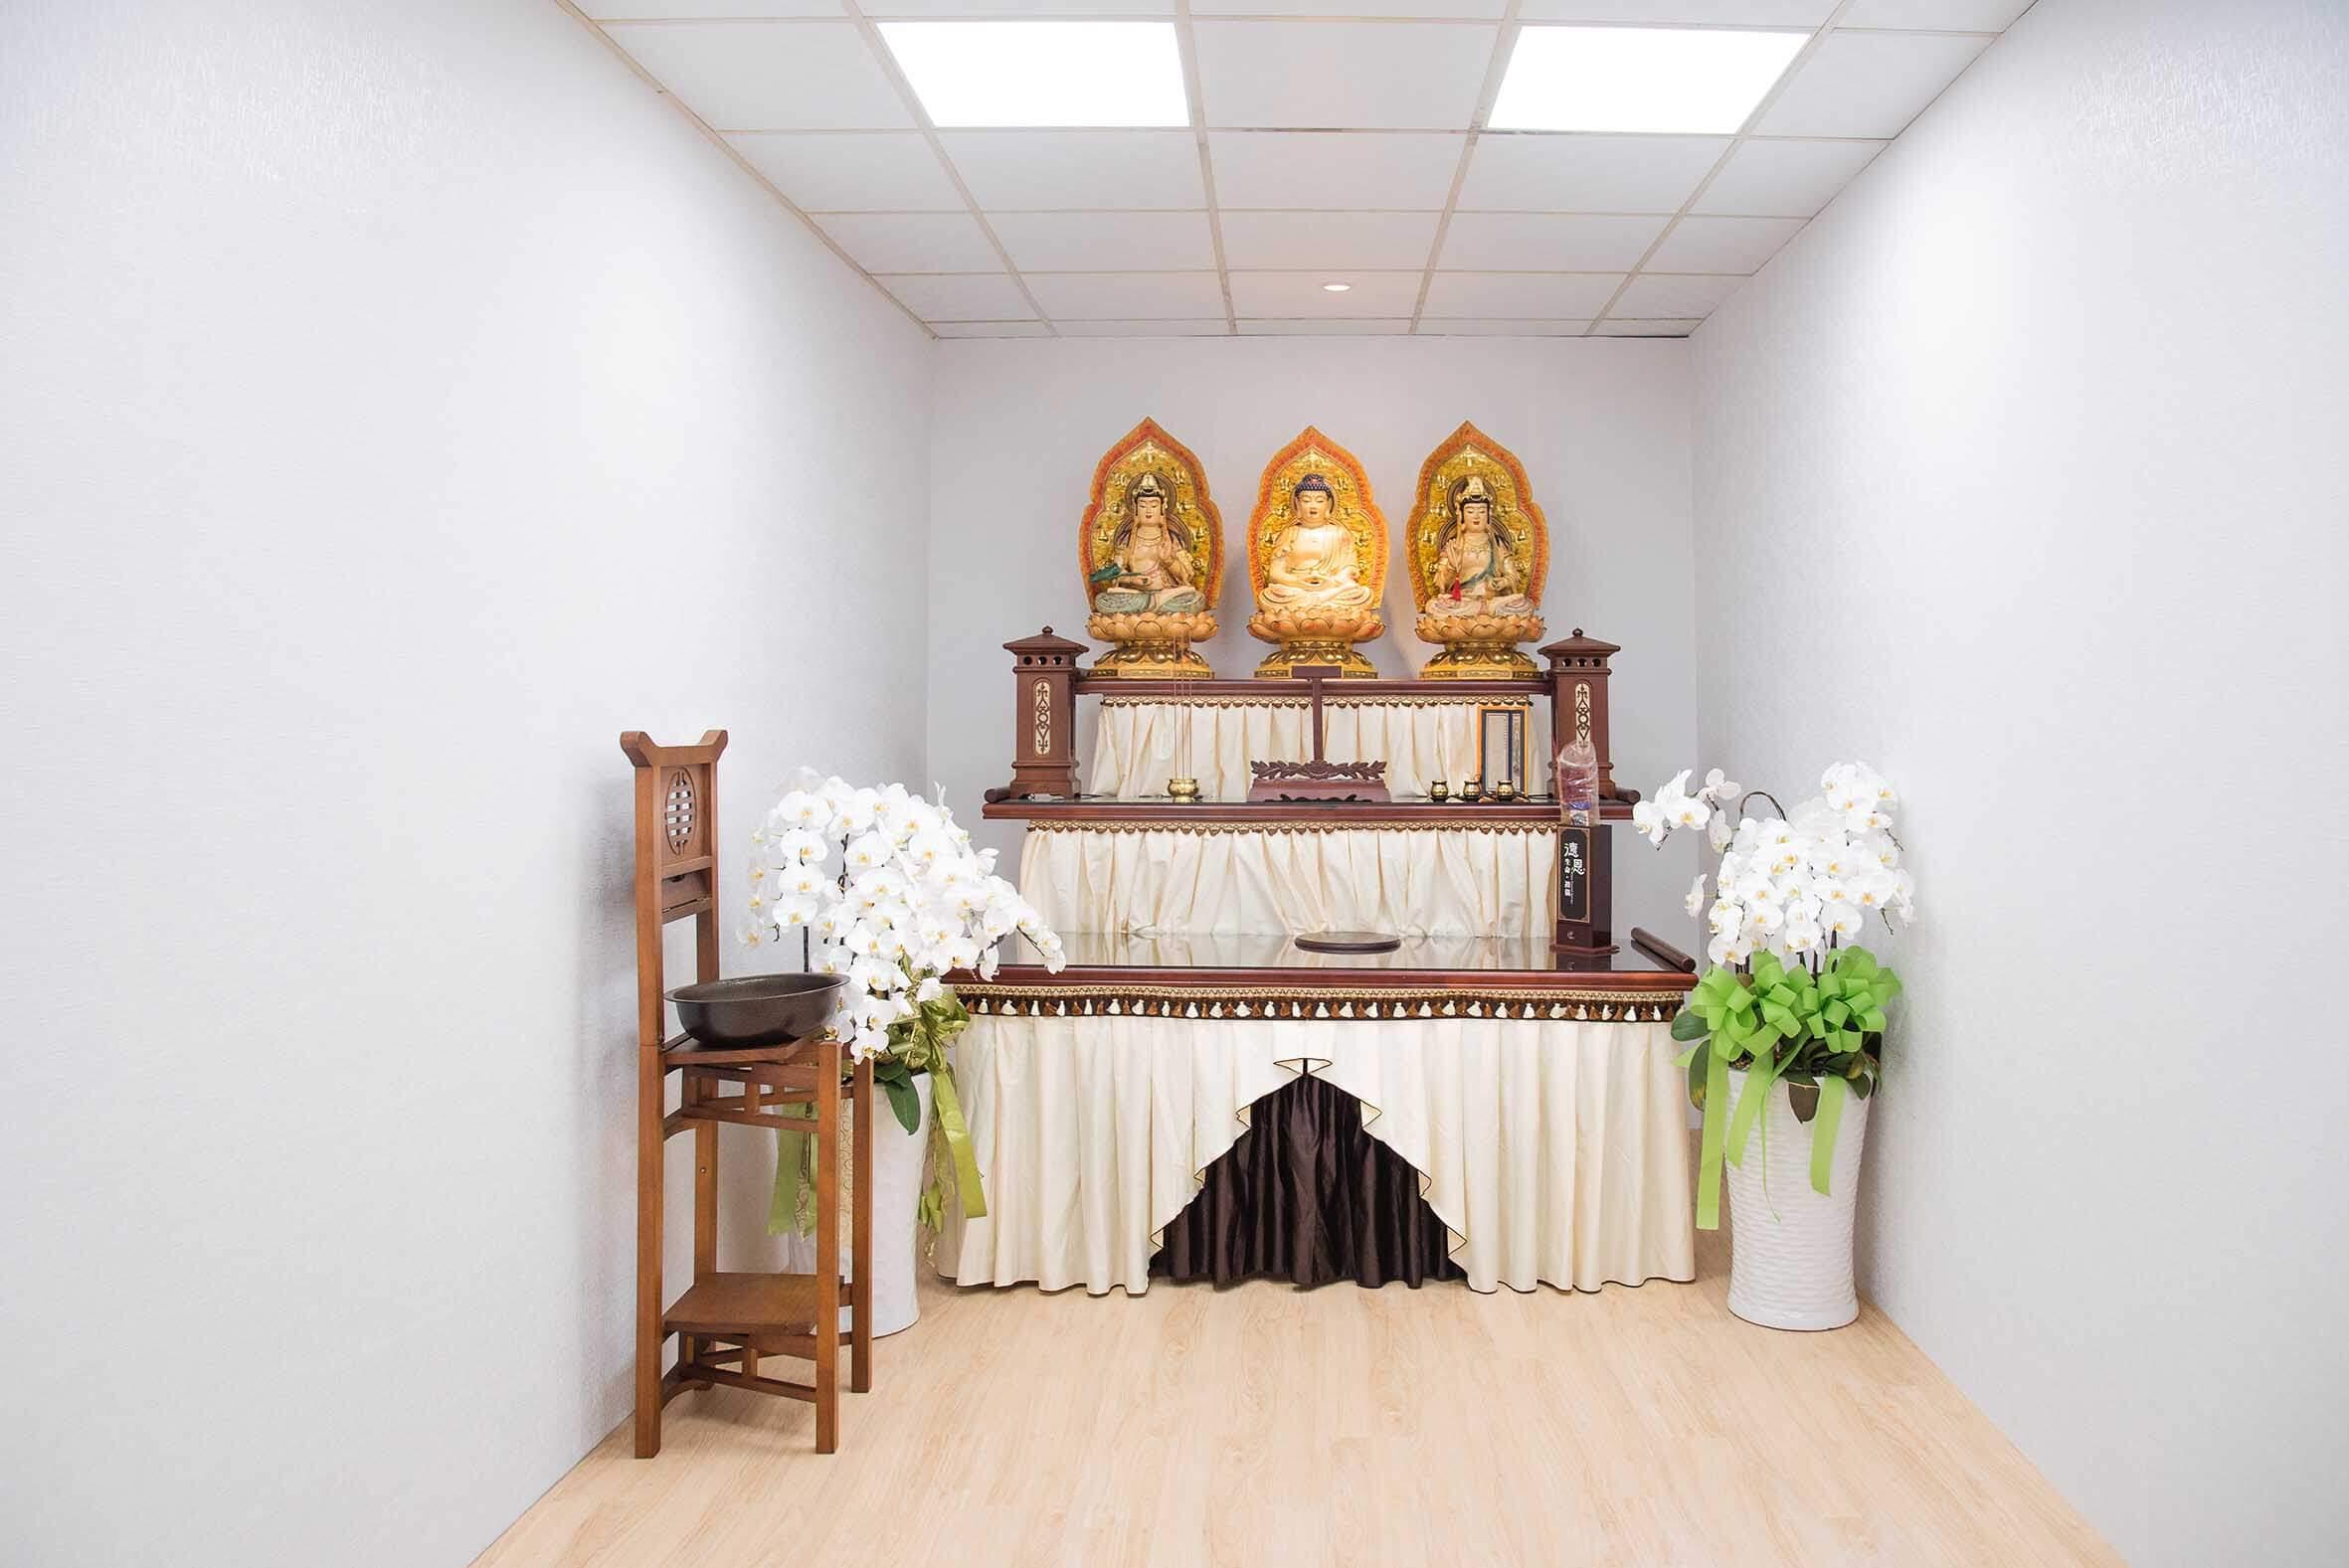 新竹禮儀公司 – 新竹會館順利落成,盼用溫暖與誠心服務需要幫助的人